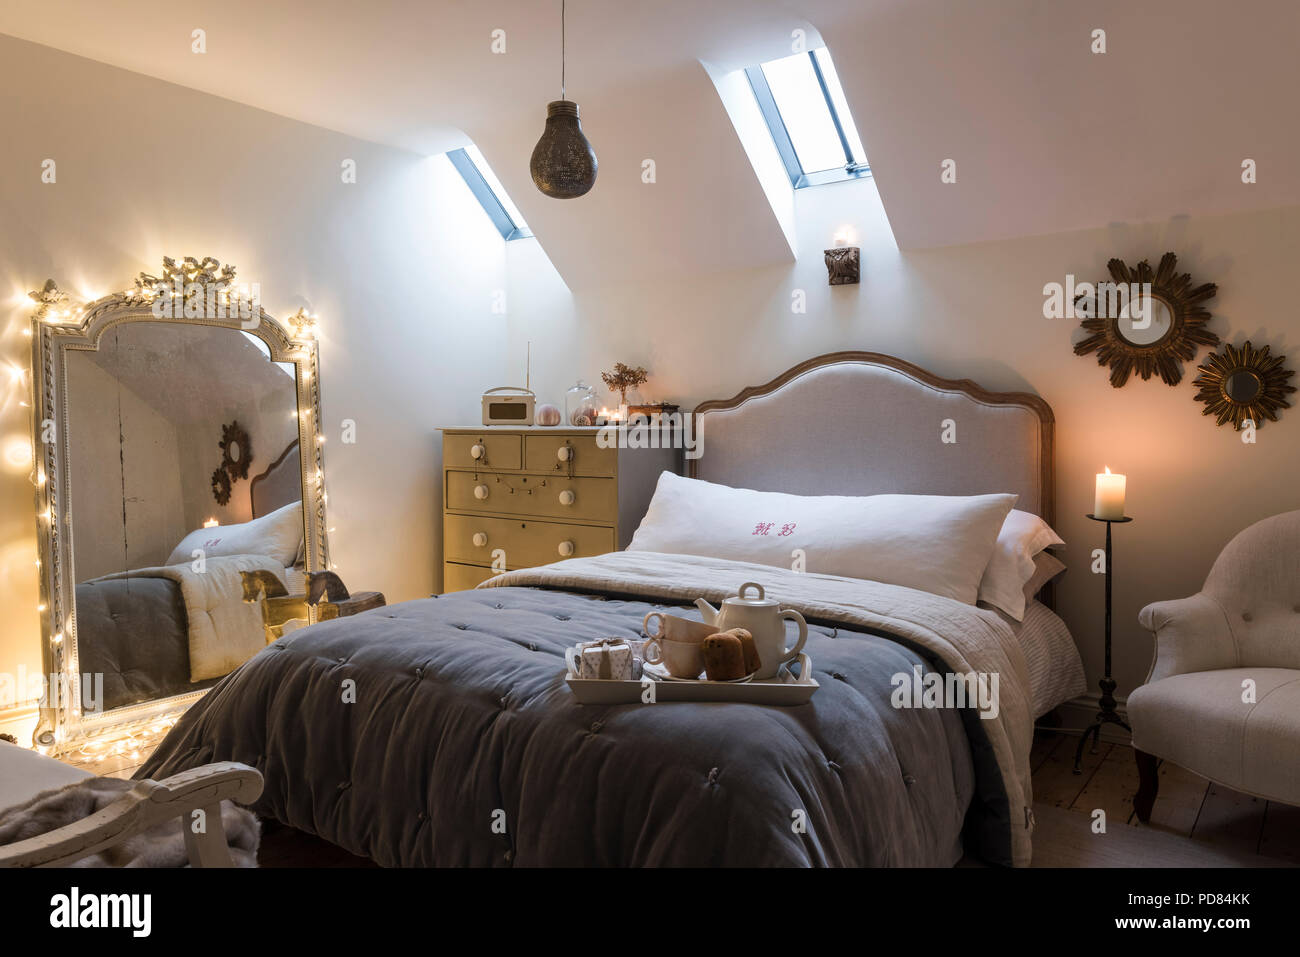 Camera Per Ospiti : Grande specchio francese in camera per ospiti con piuma black